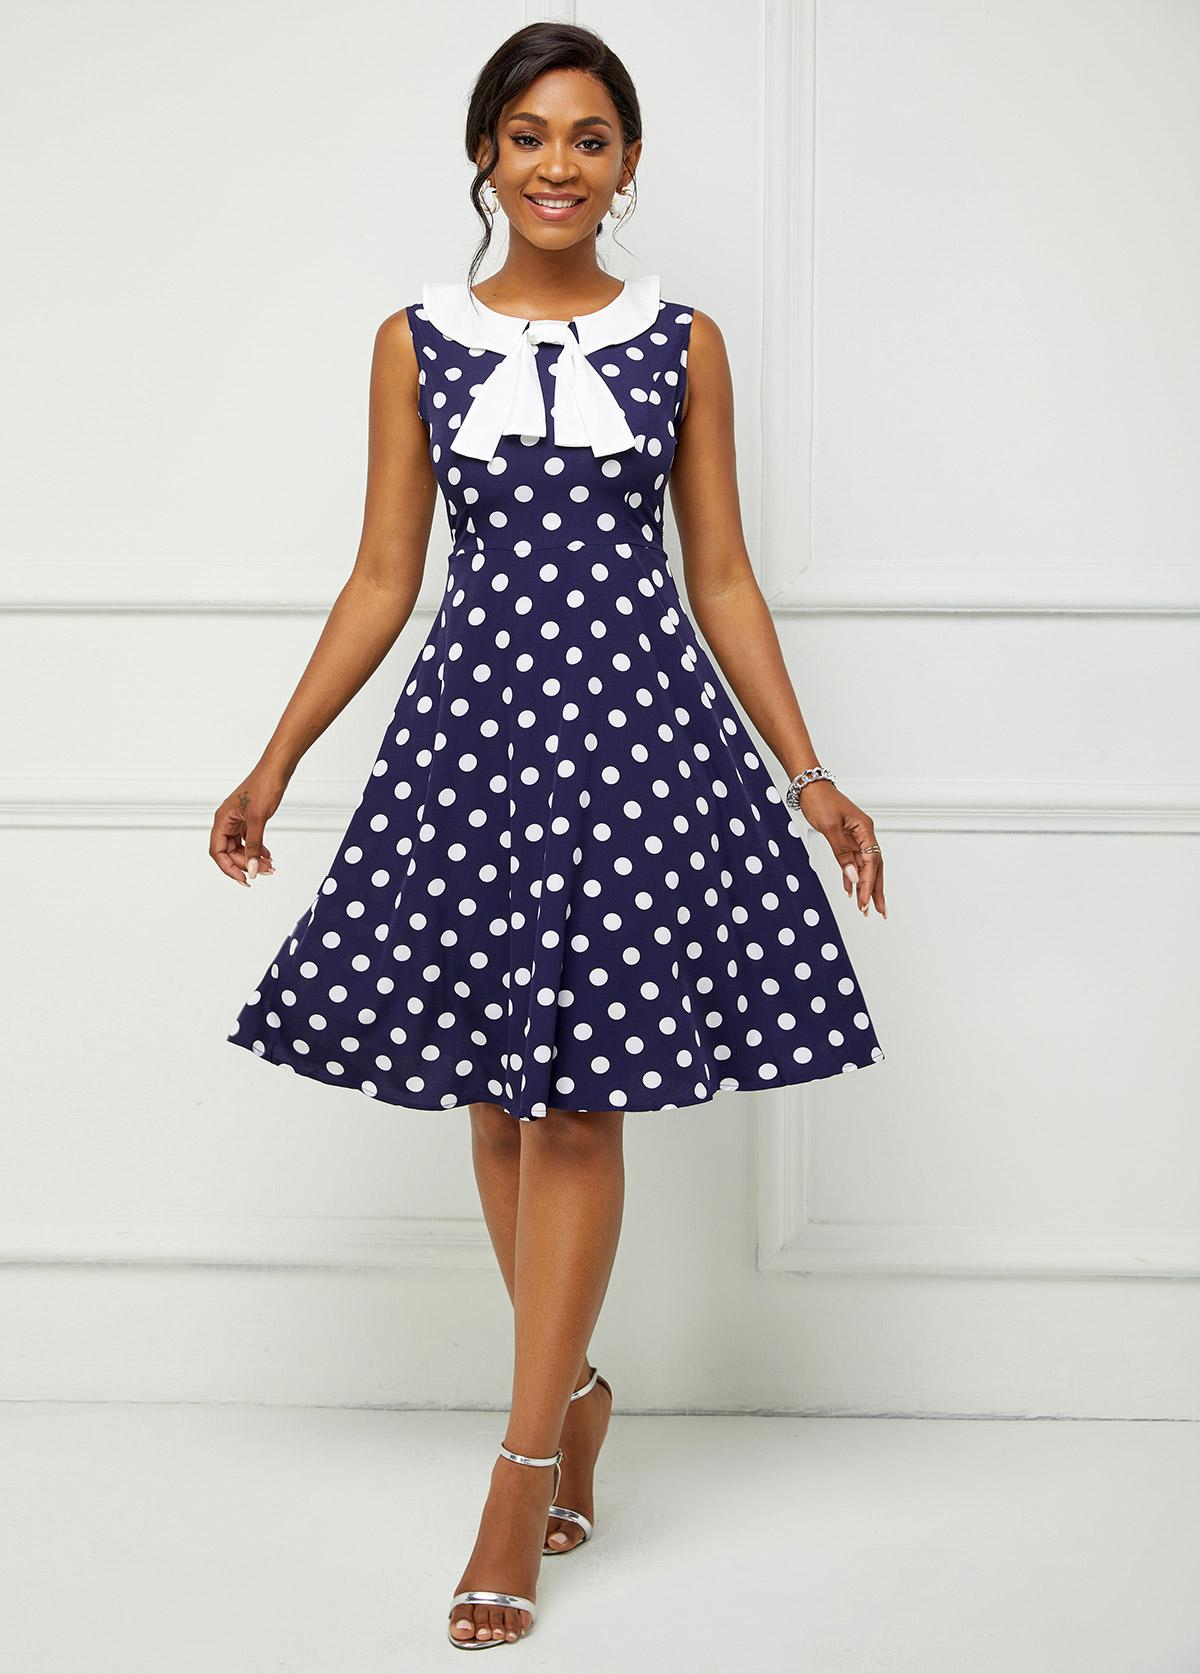 Sleeveless Polka Dot Peter Pan Collar Dress